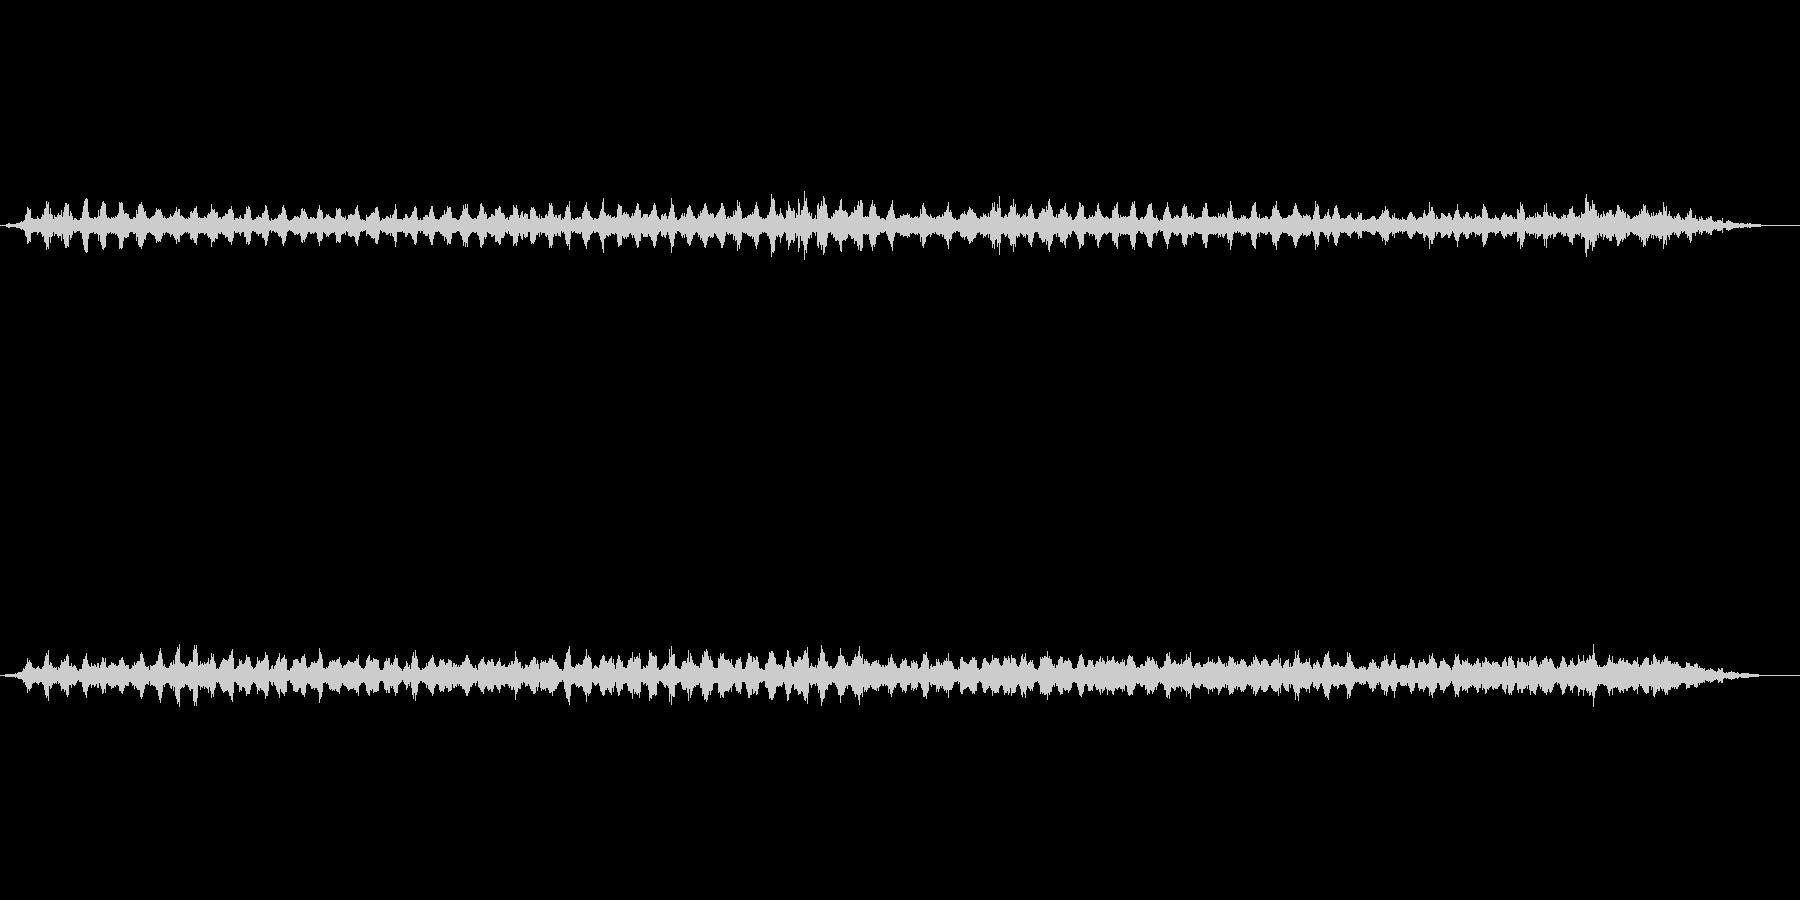 里山の夜 カエルの鳴き声の未再生の波形